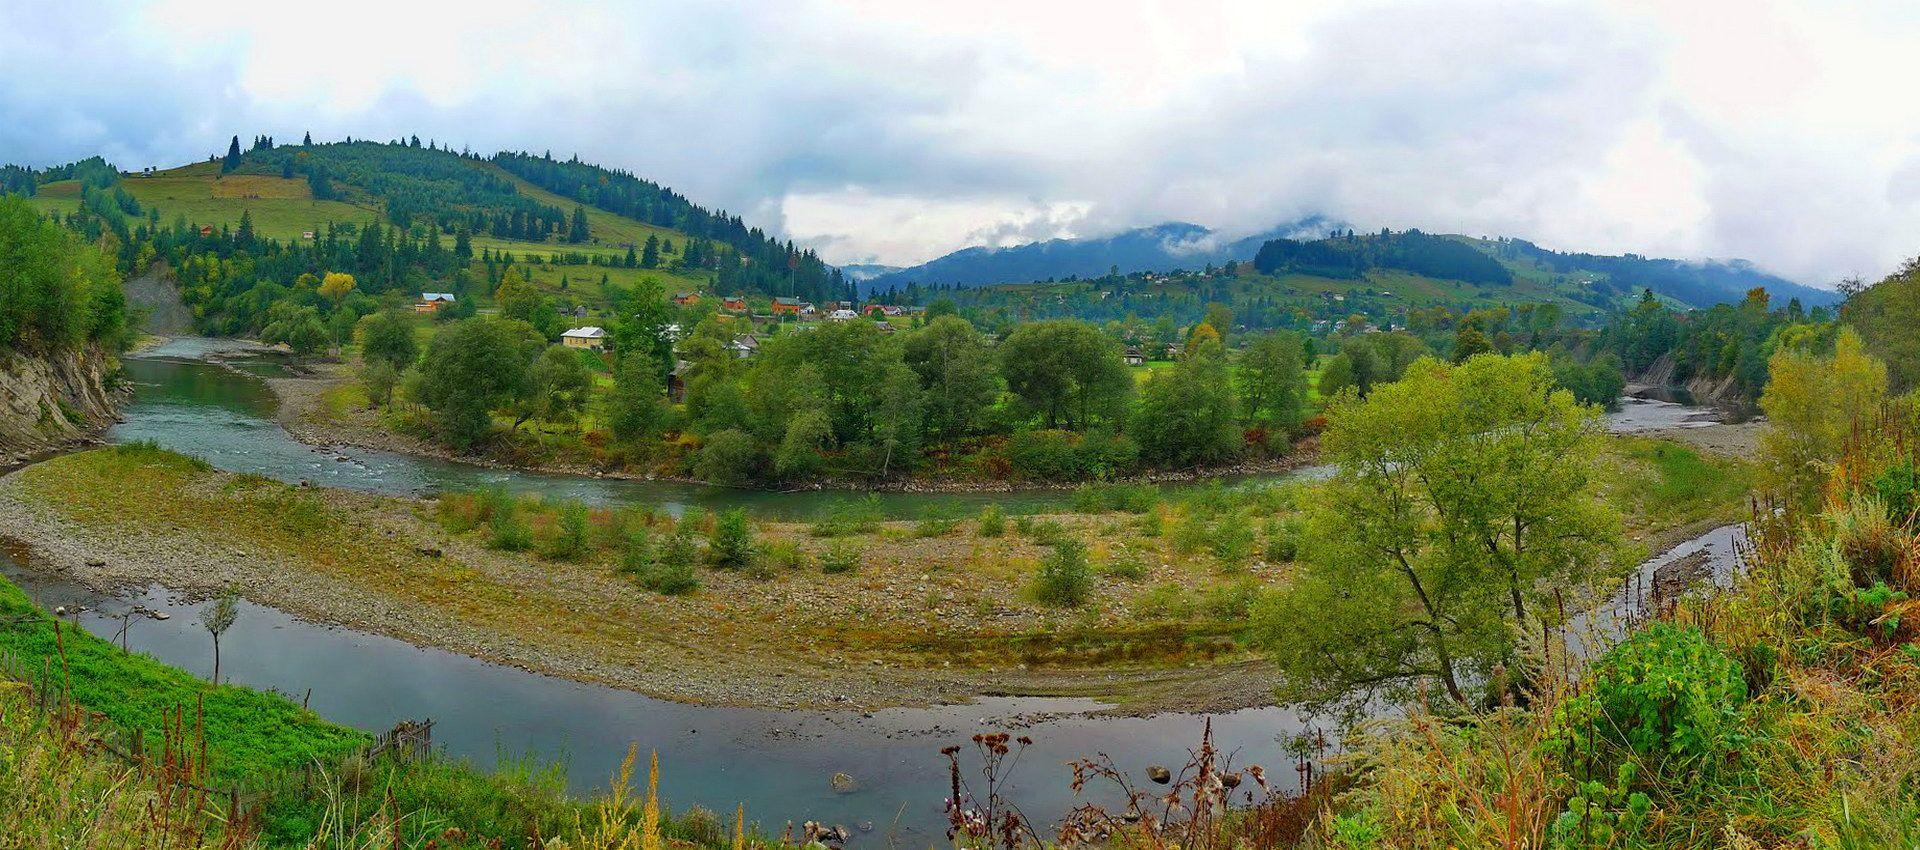 Река Черный Черемош, пгт Верховина